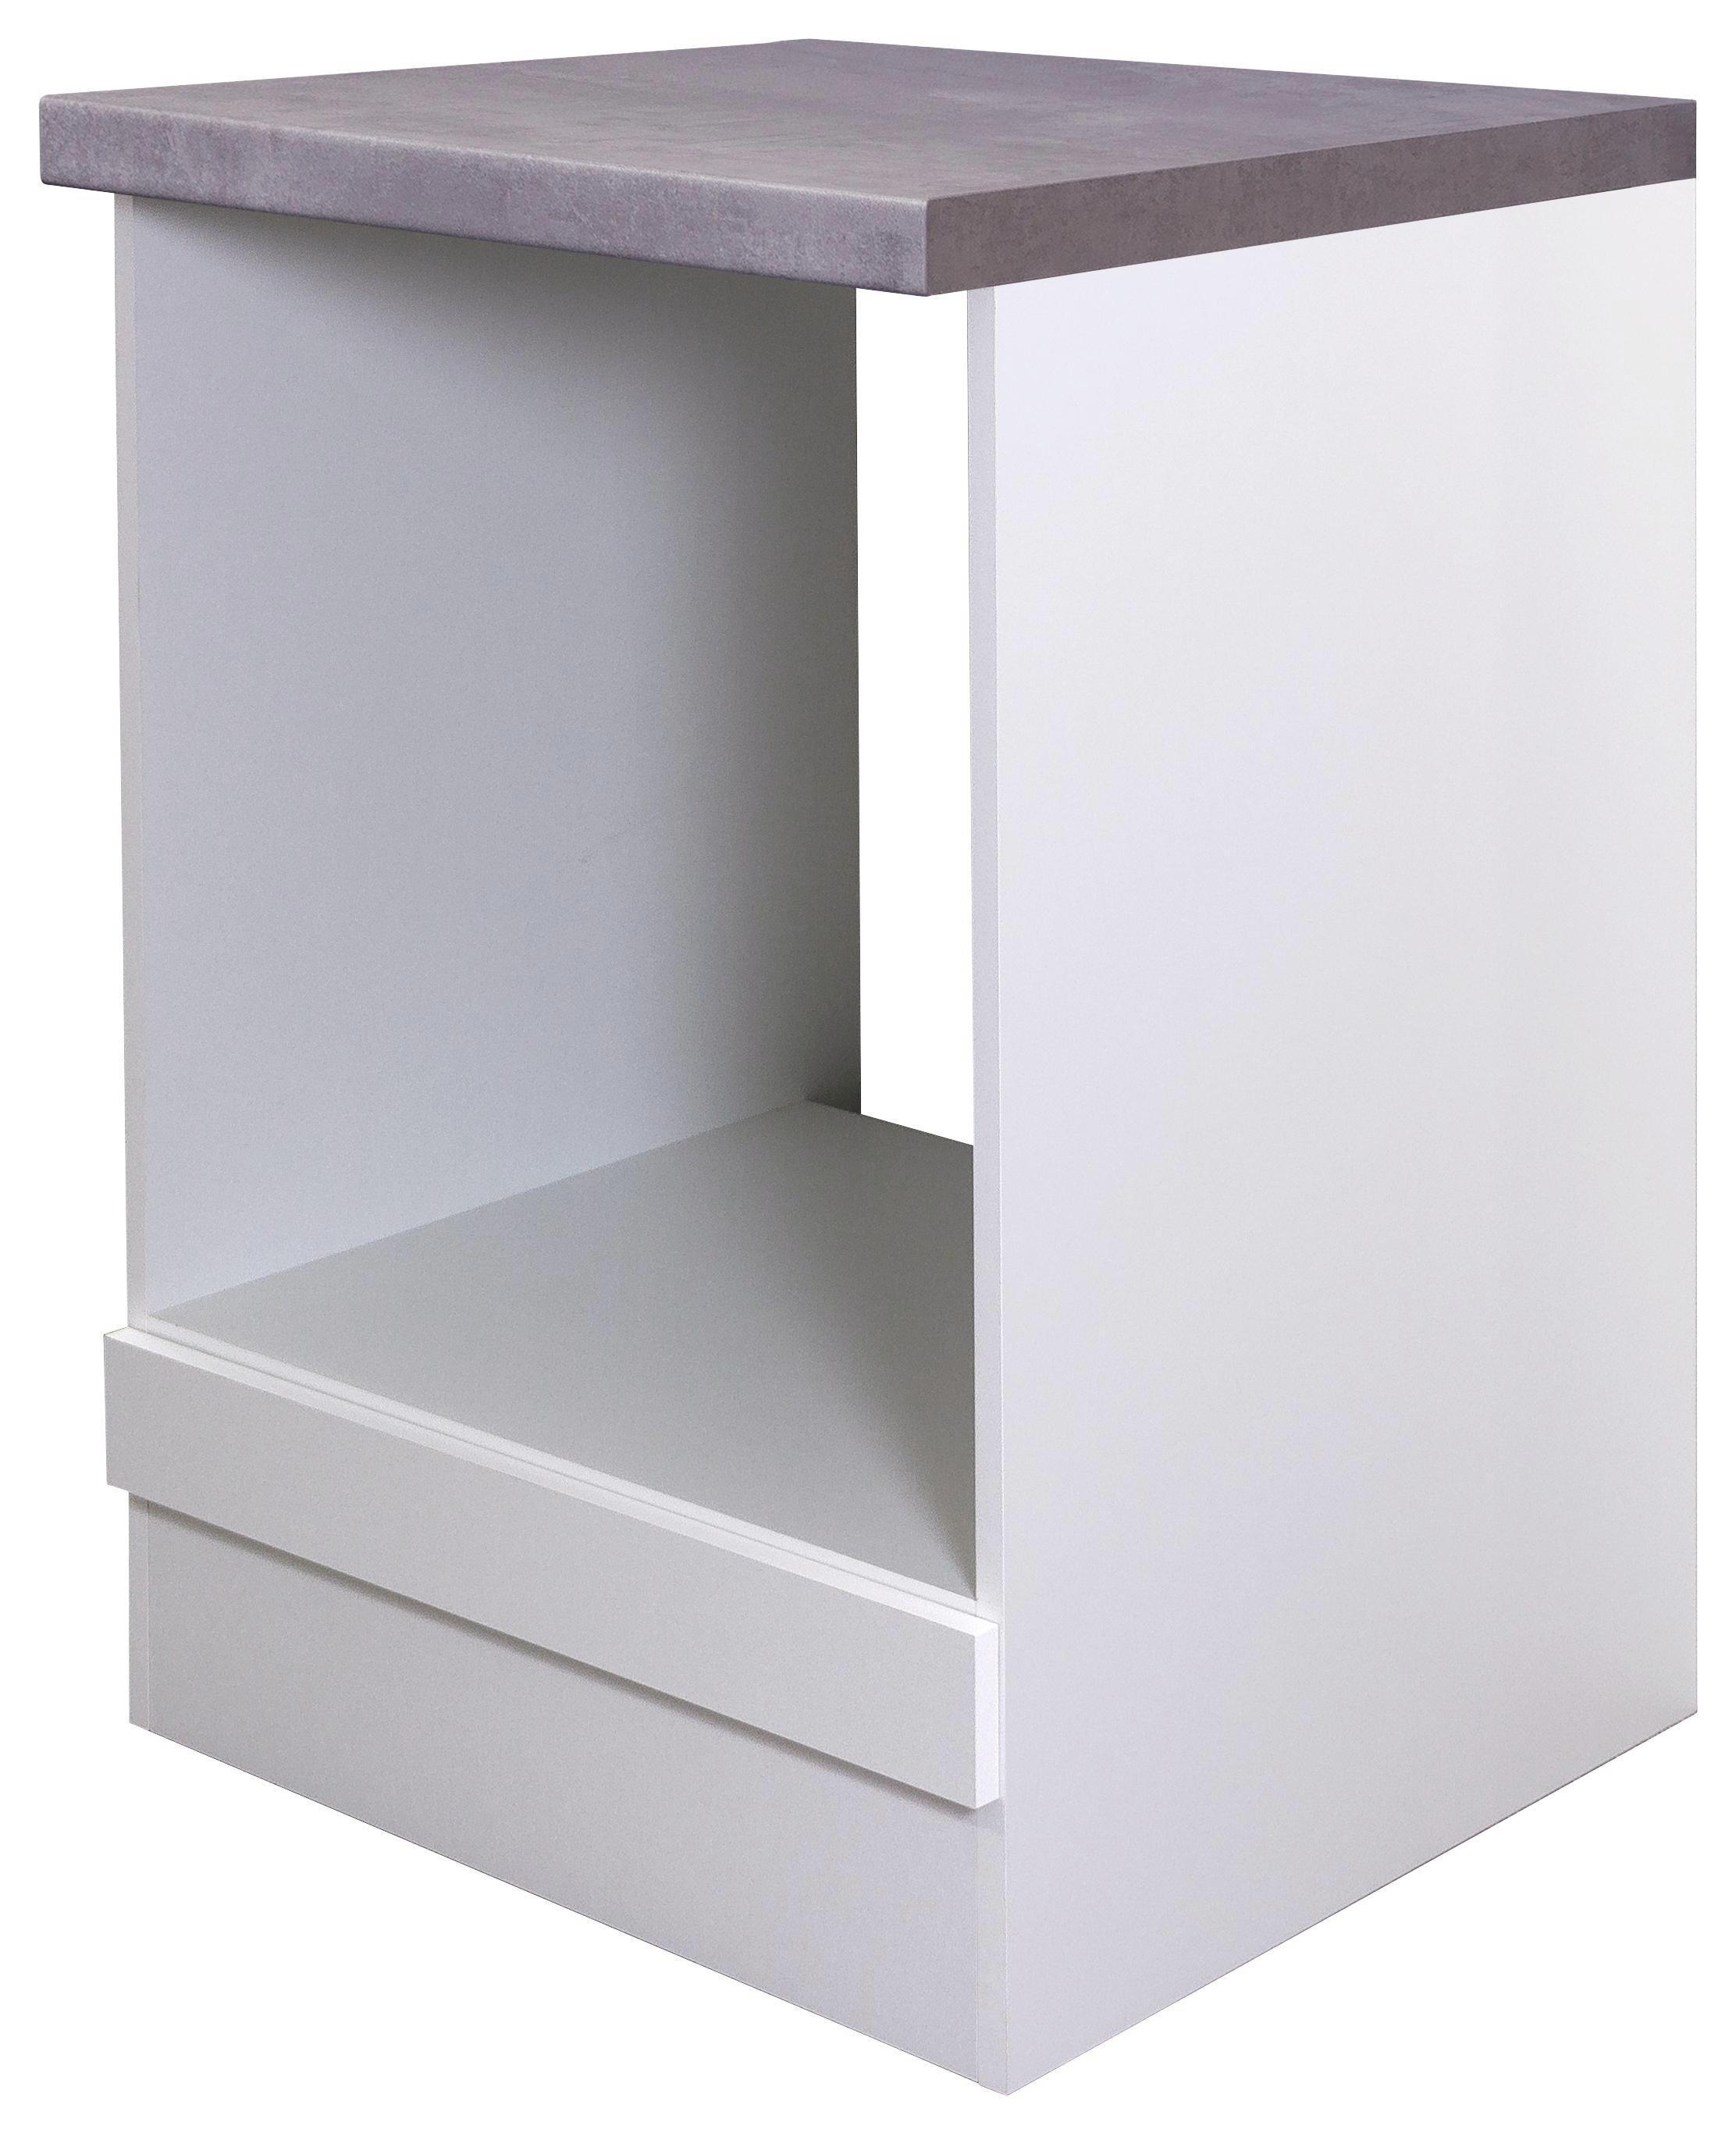 Mömax Badezimmer Schrank: Herdumbauschrank Weiß Online Kaufen Mömax